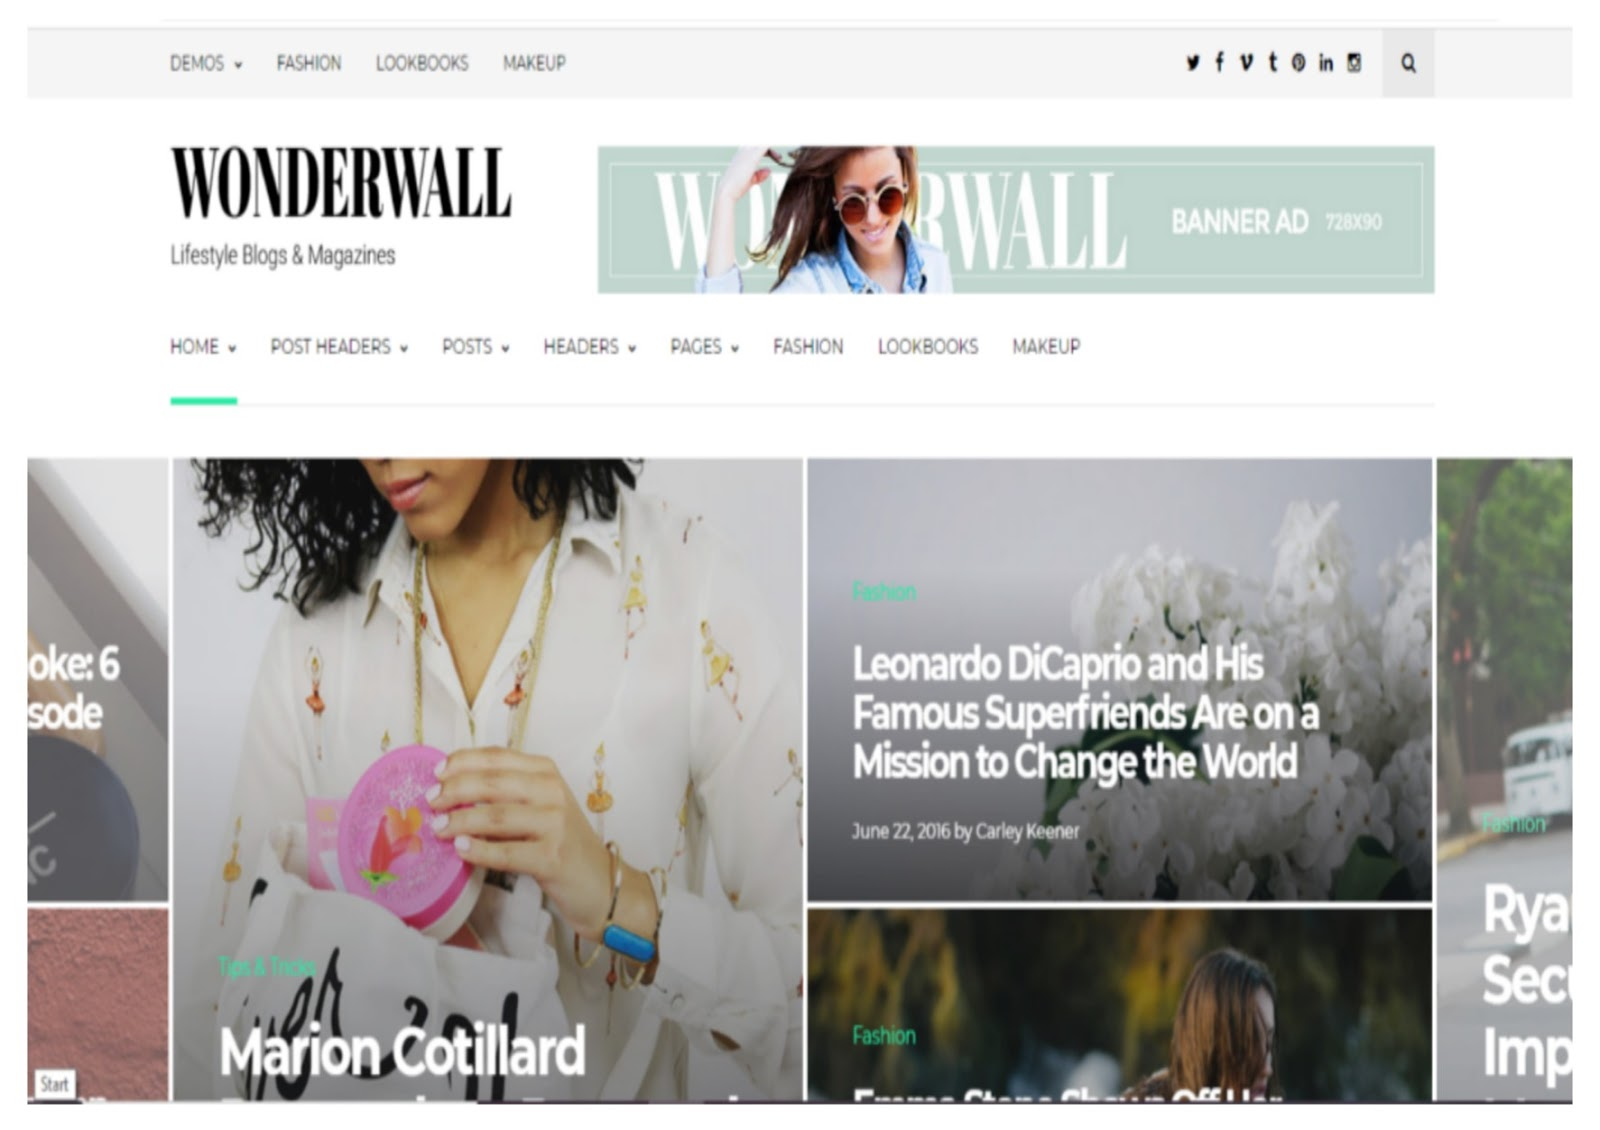 Wonderwall Magazine Theme